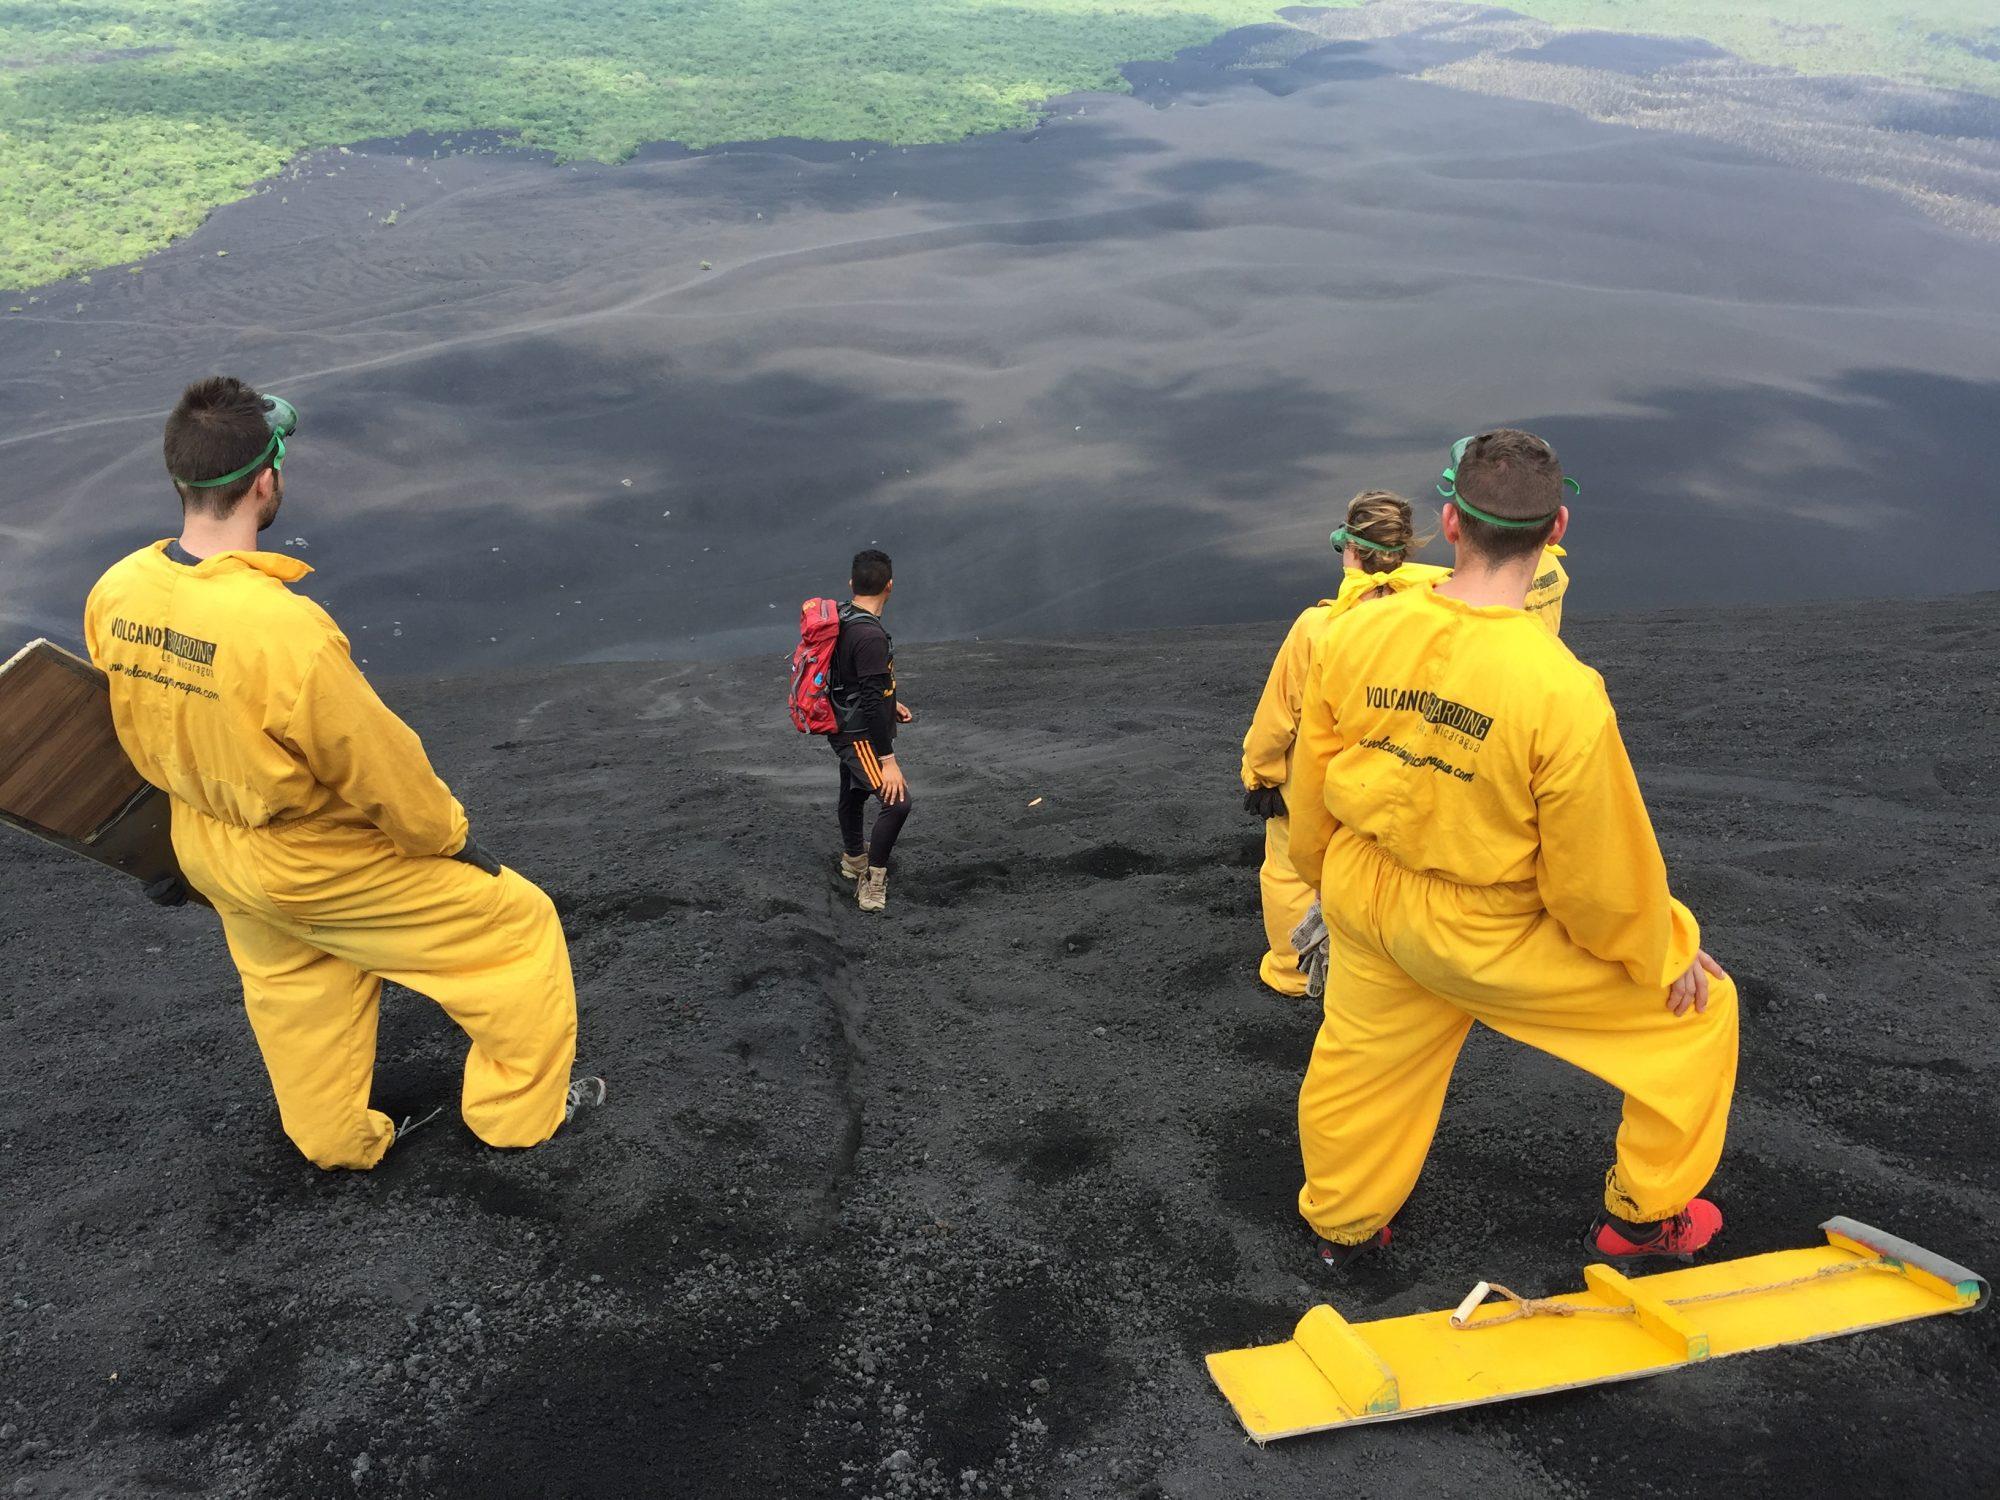 Day 81 – Volcano Boarding in Leon, Nicaragua